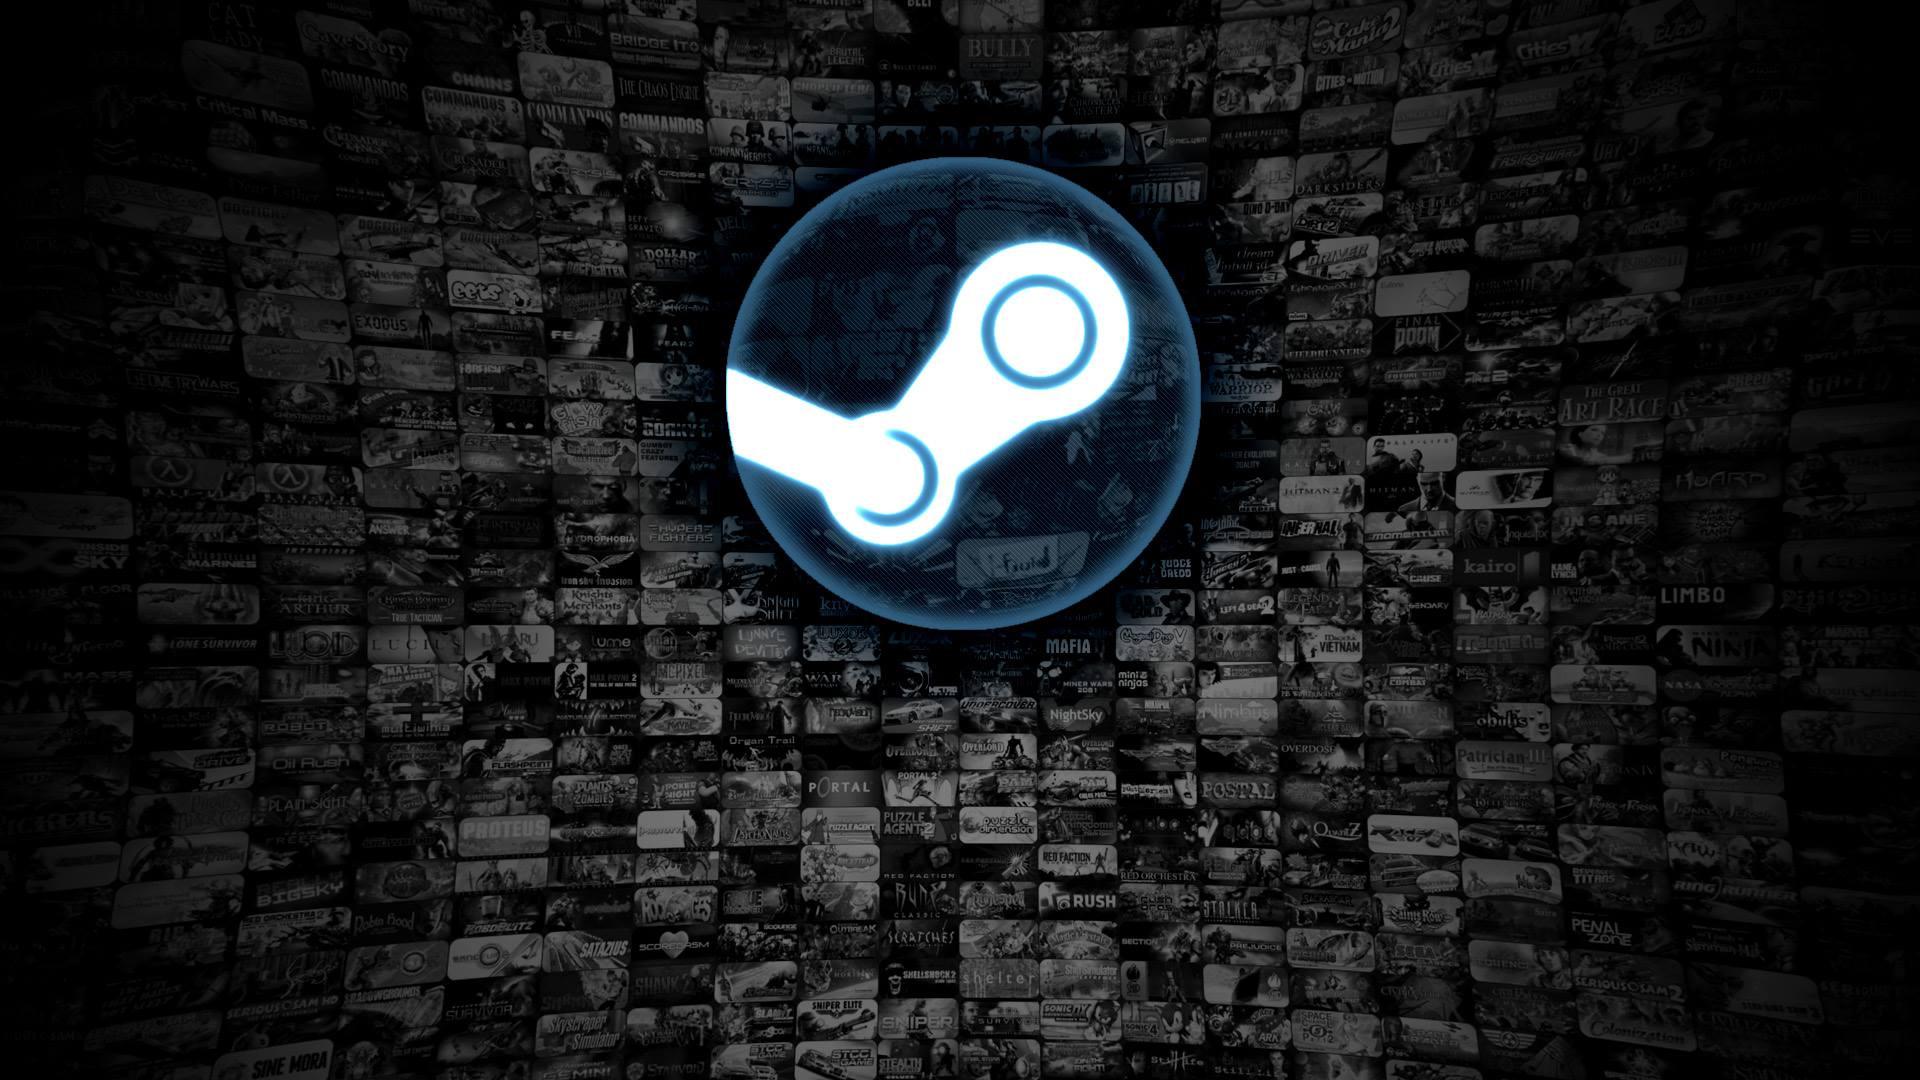 Steam убирает биткойн из способов оплаты